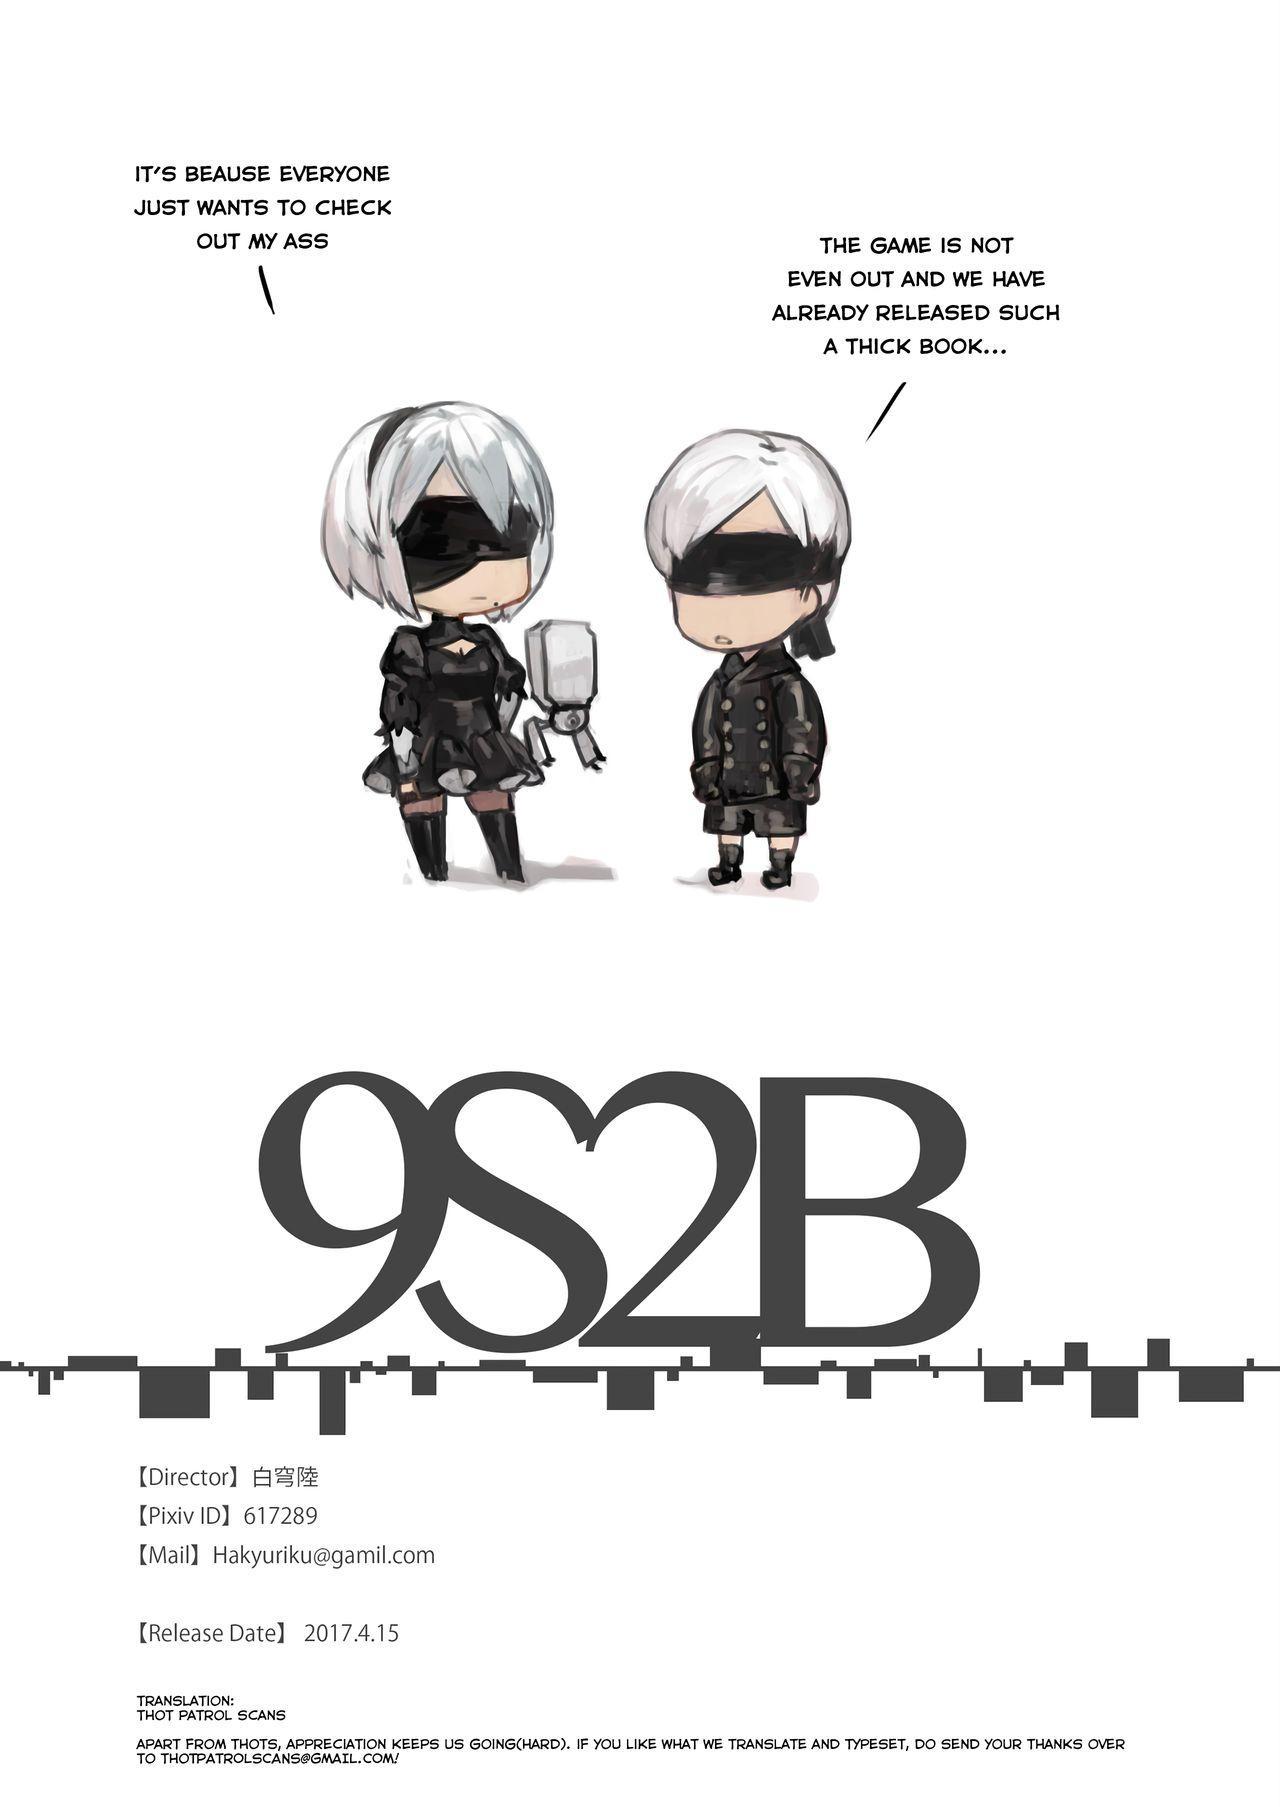 9S2B 12